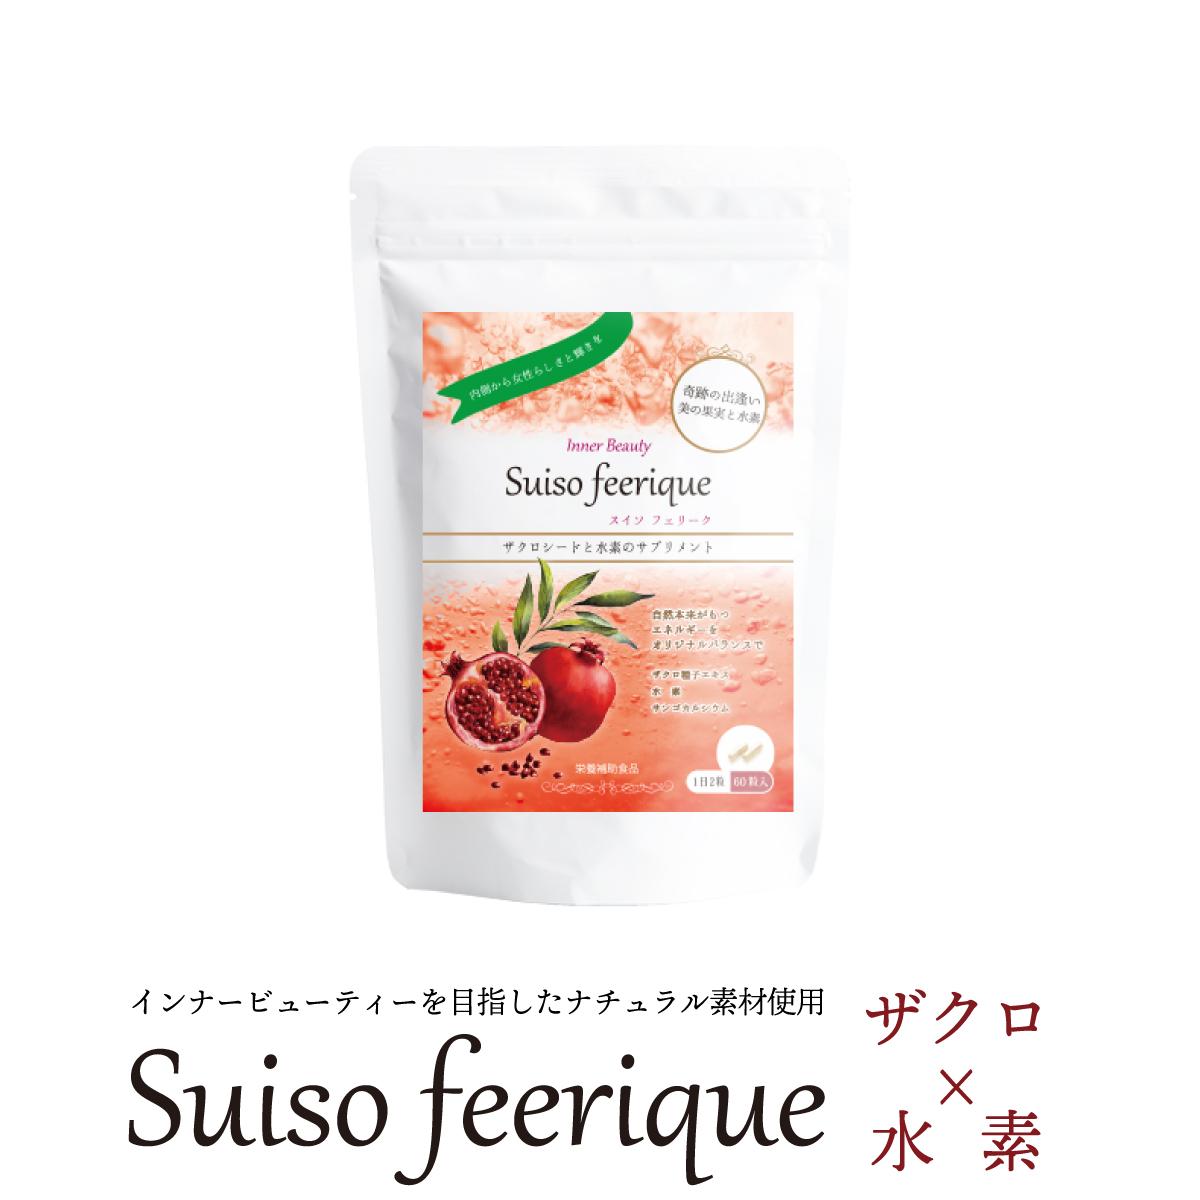 【女性を応援する2つの成分】スーパーフード・ザクロ配合の温活水素サプリ、スイソフェリーク